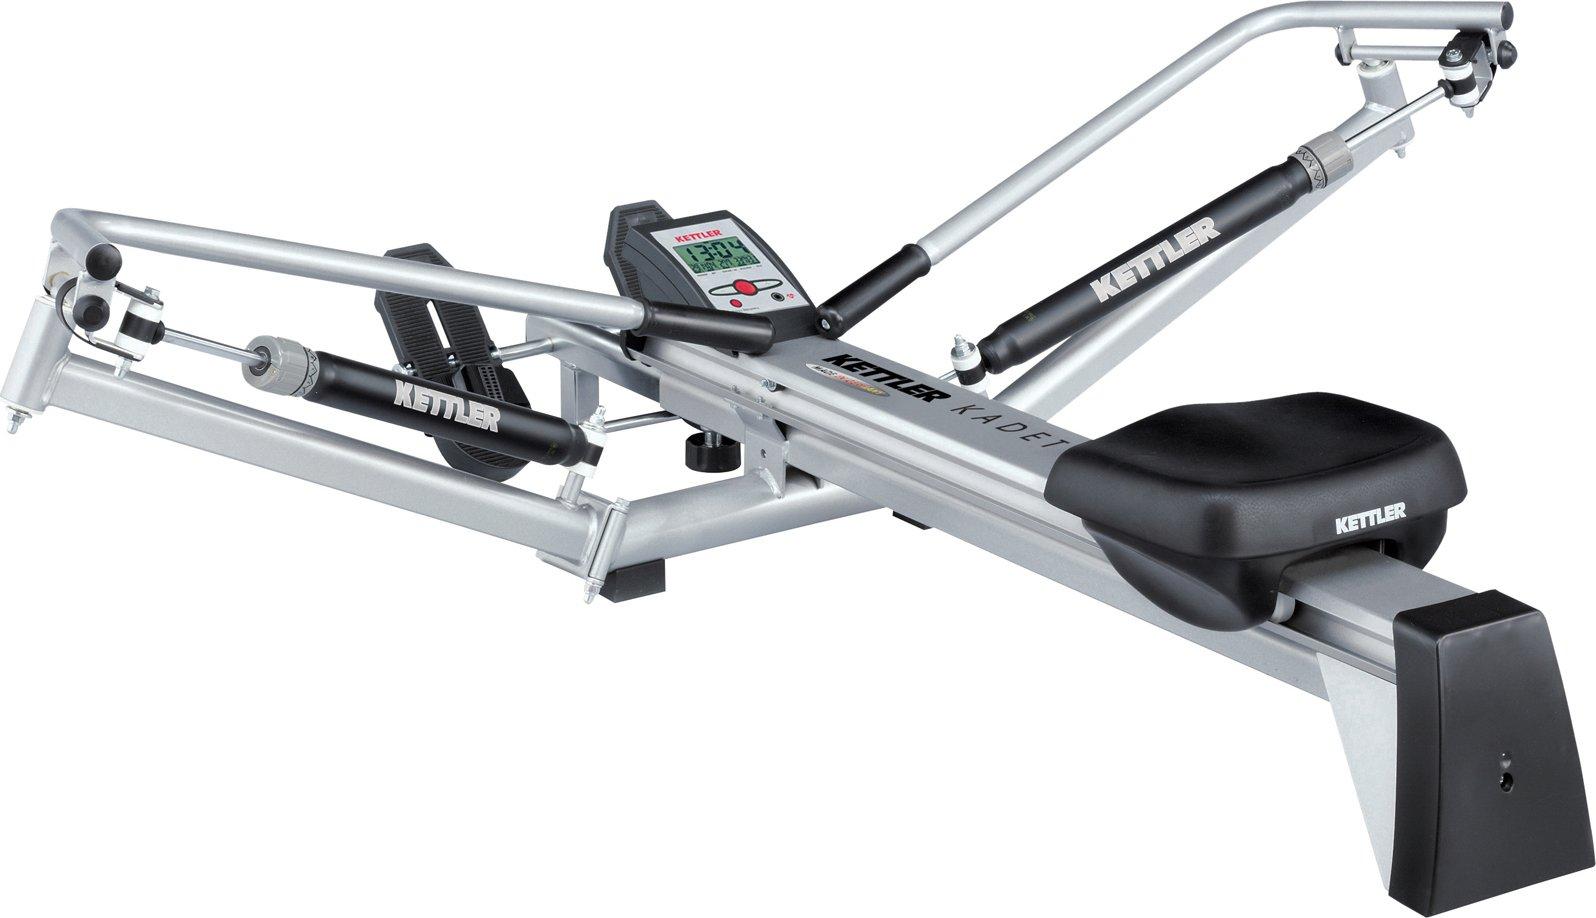 Kettler Home Exercise/Fitness Equipment: Kadett Outrigger Style Rower Rowing Machine